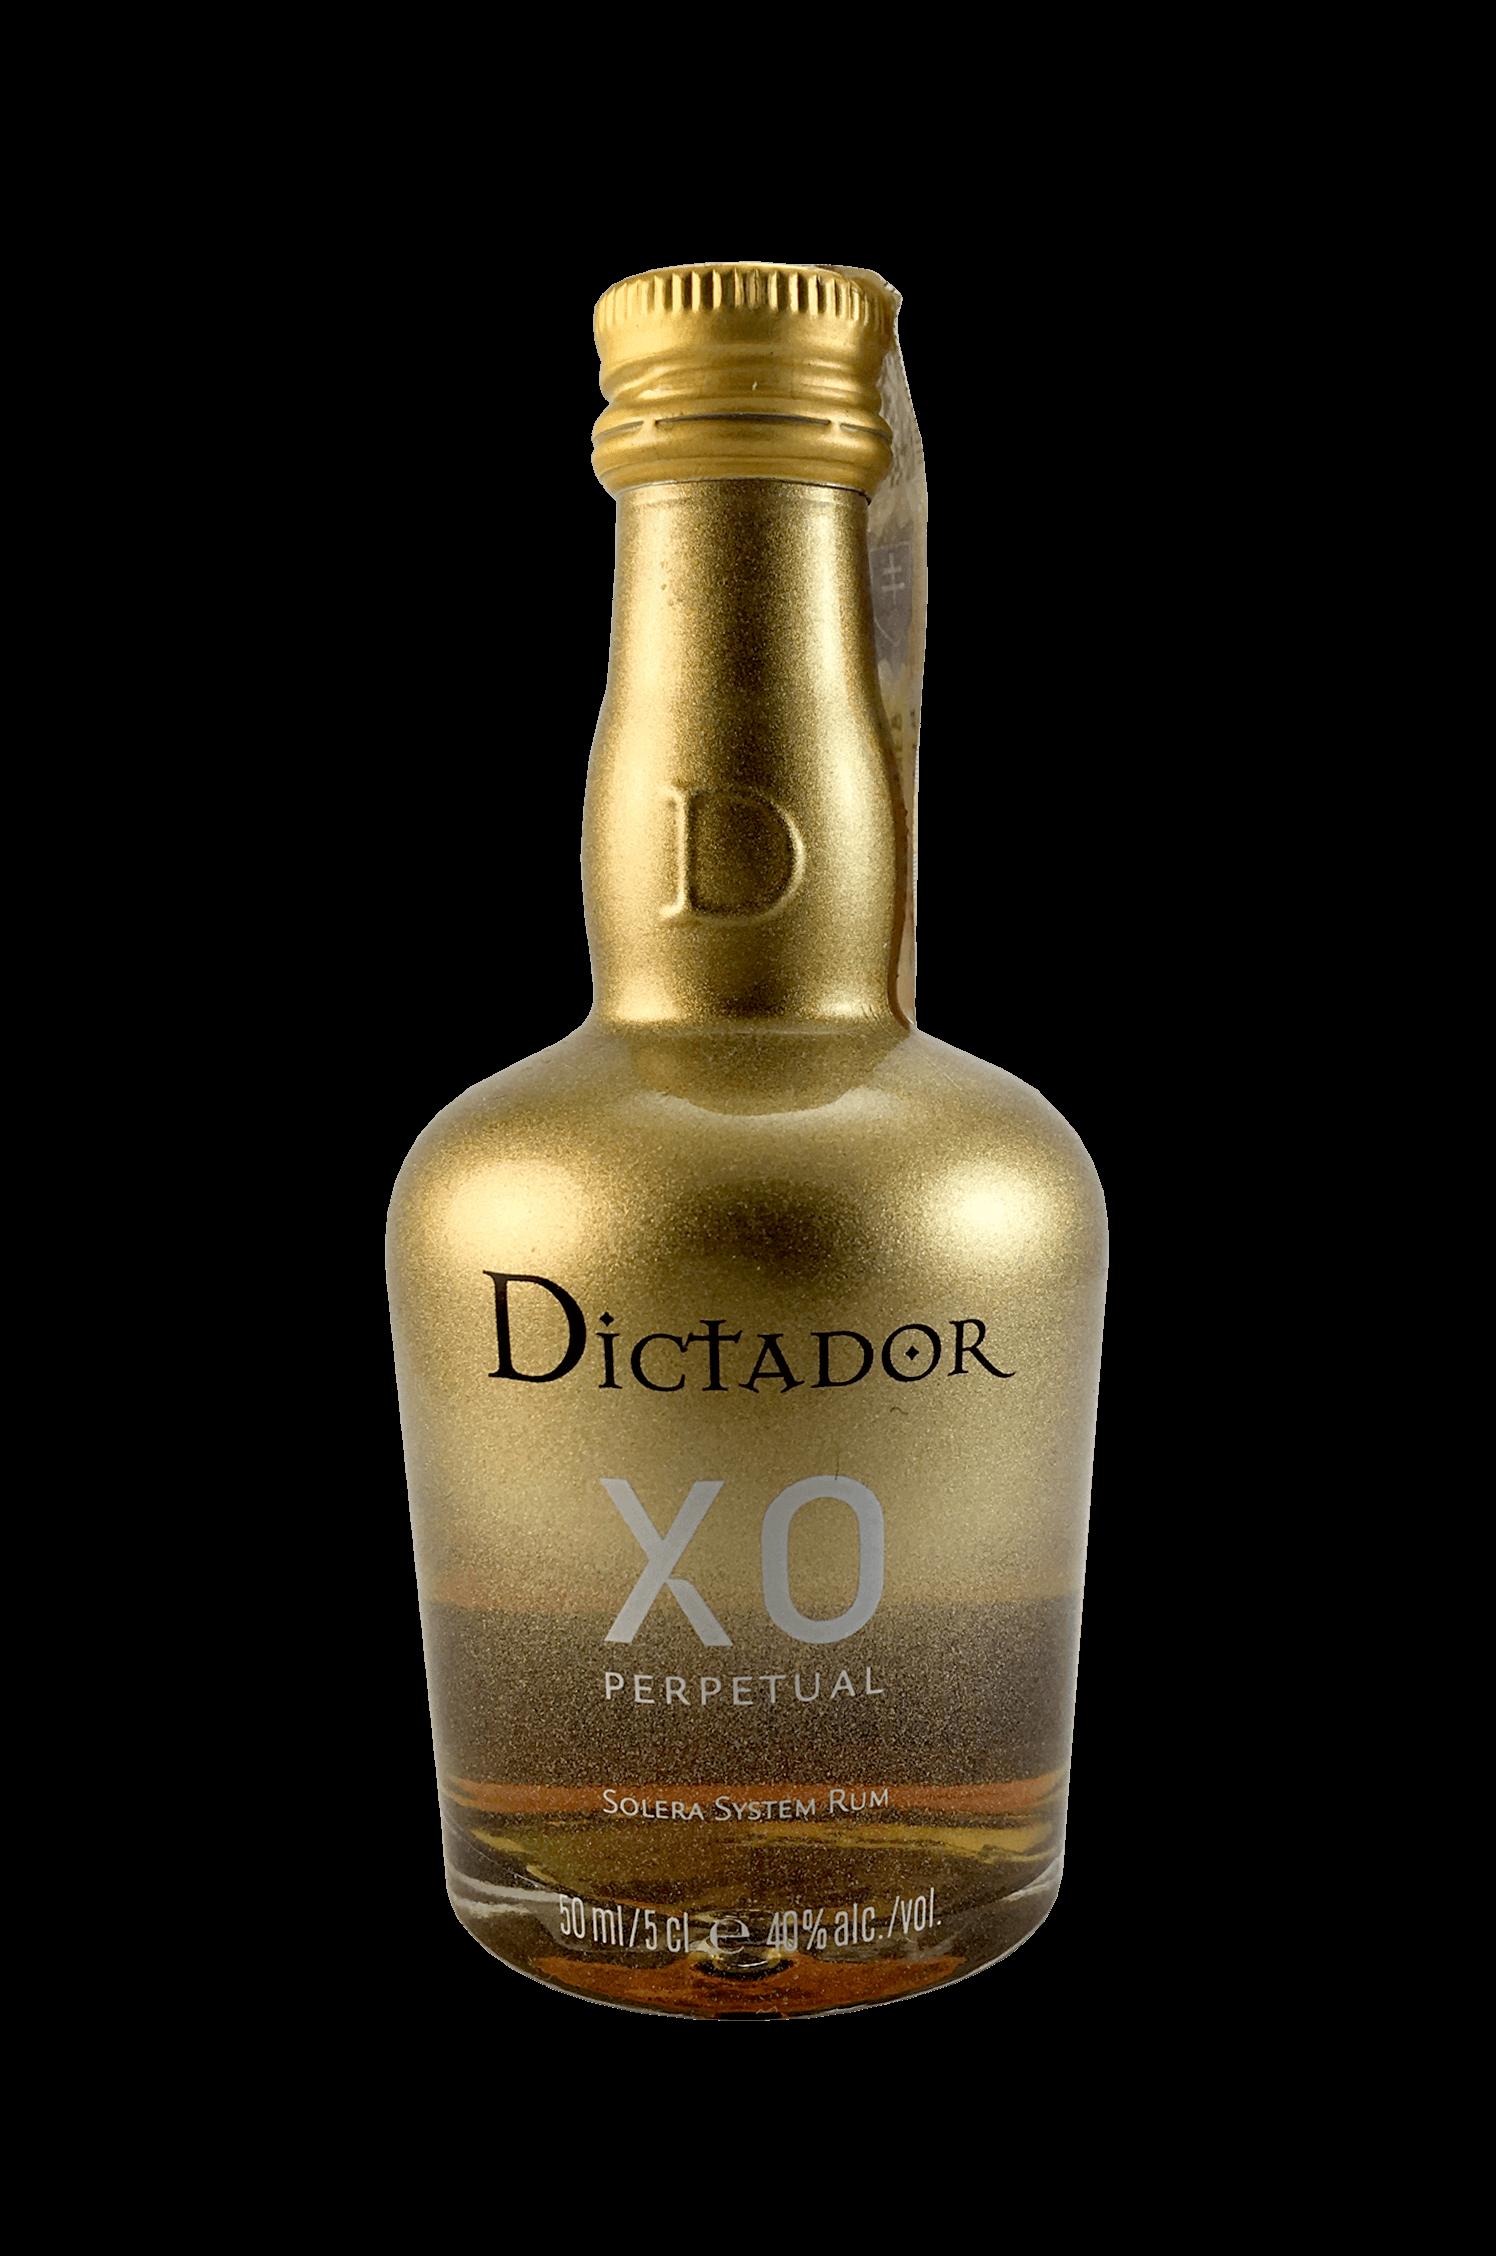 Dictator XO Perpetual